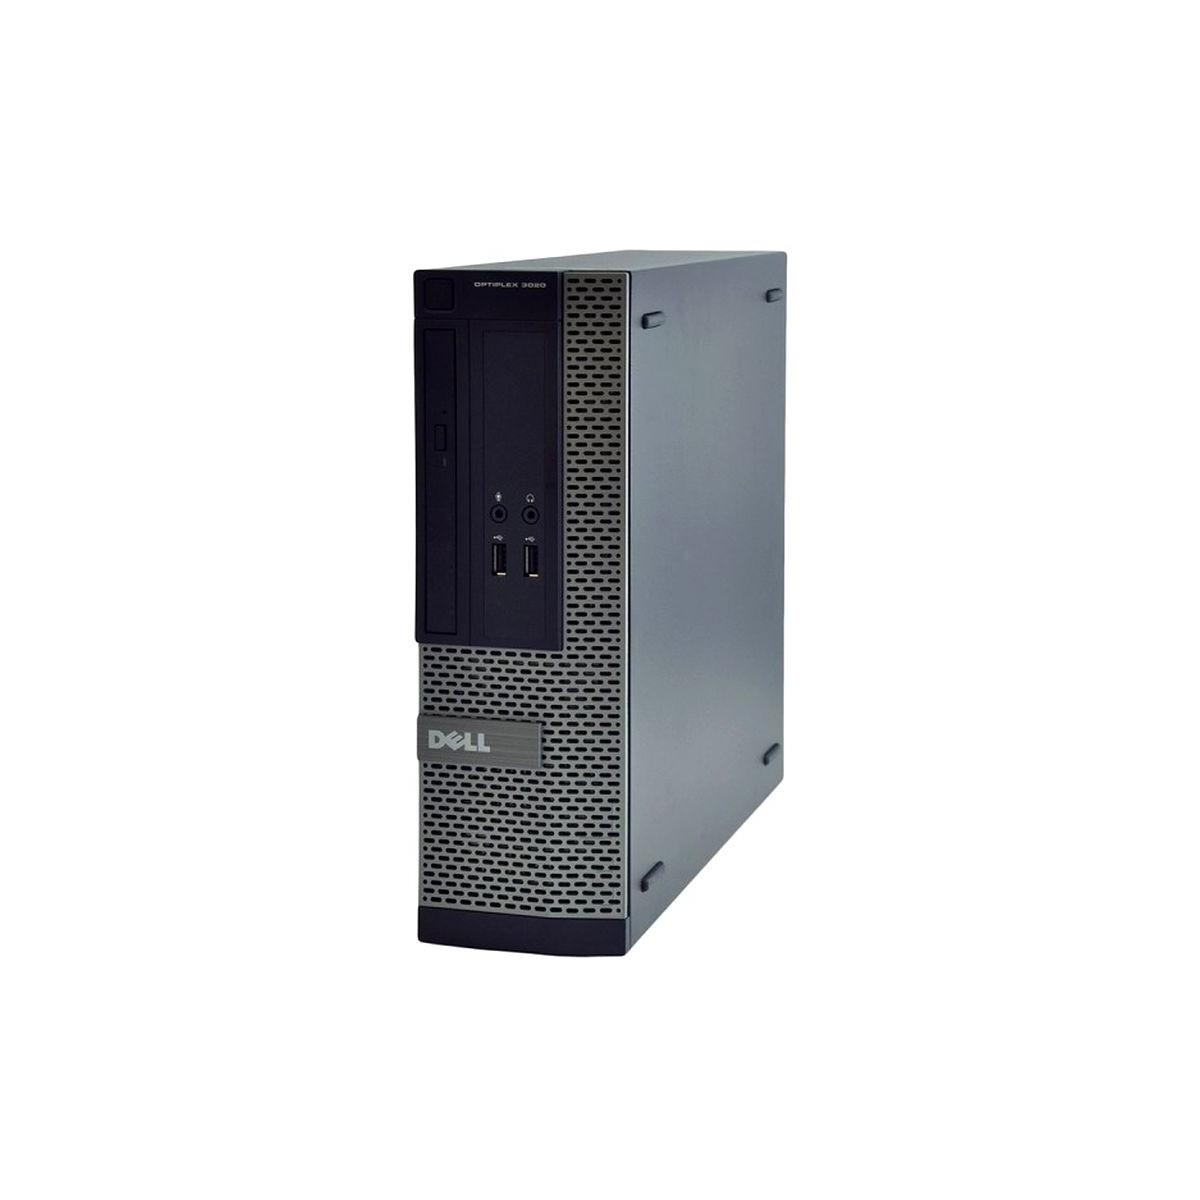 NOTEBOOK DELL E6330 13,3'' i5-3340 4GB 320SATA WIN7